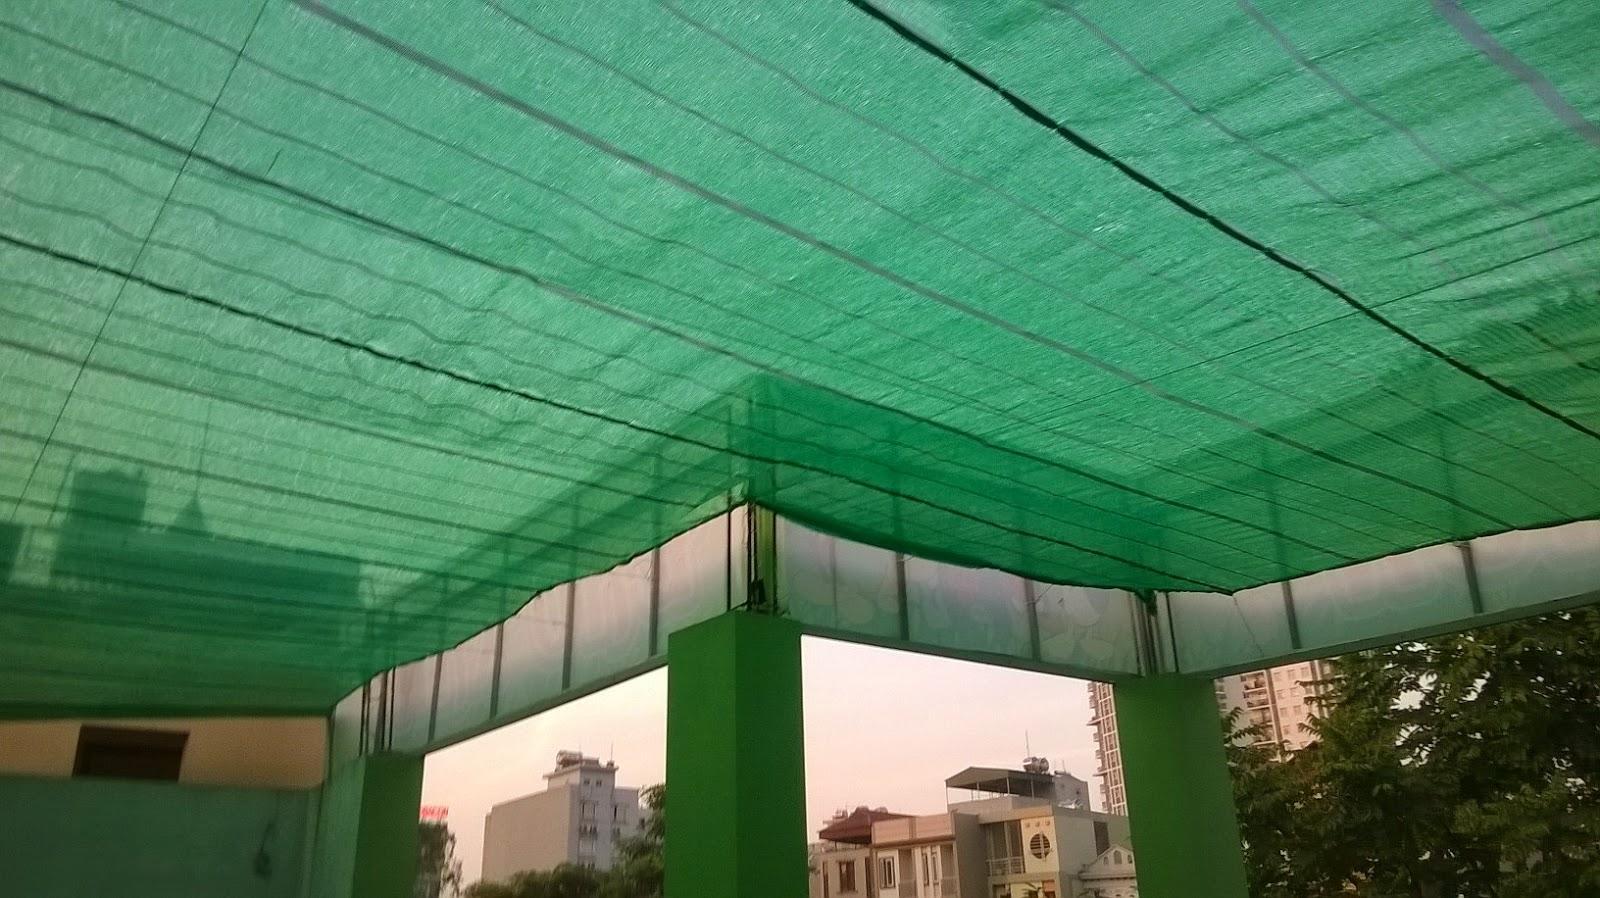 Kết quả hình ảnh cho lưới che nắng